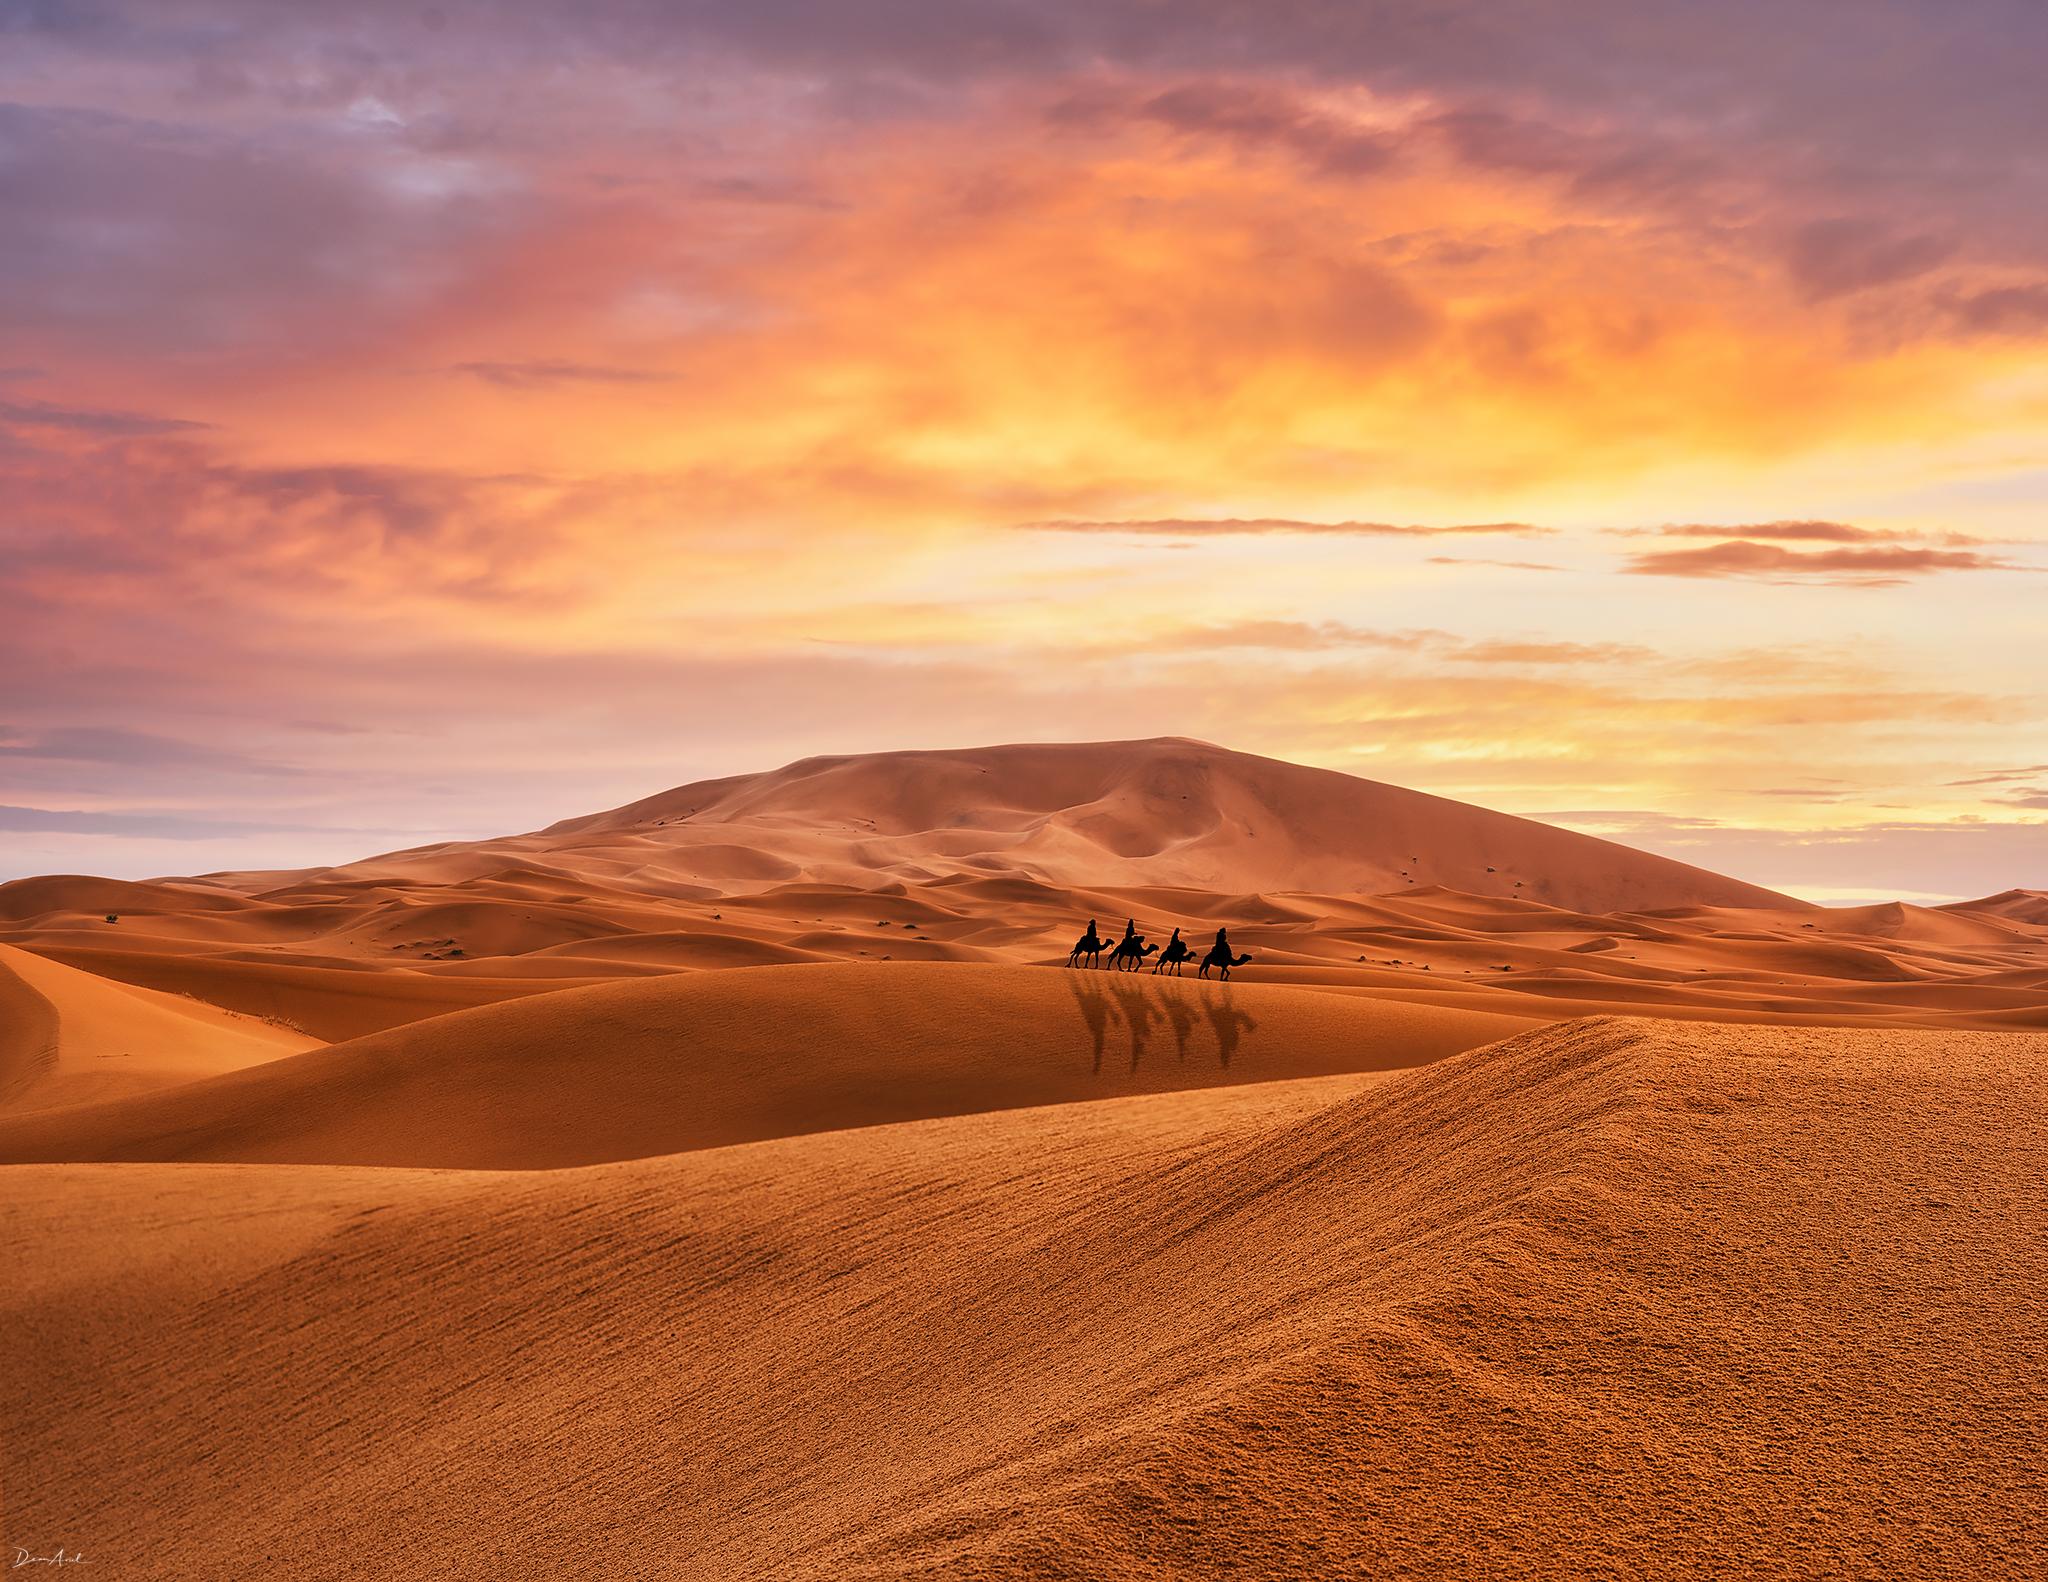 Sahara desert - Merzouga, Morocco